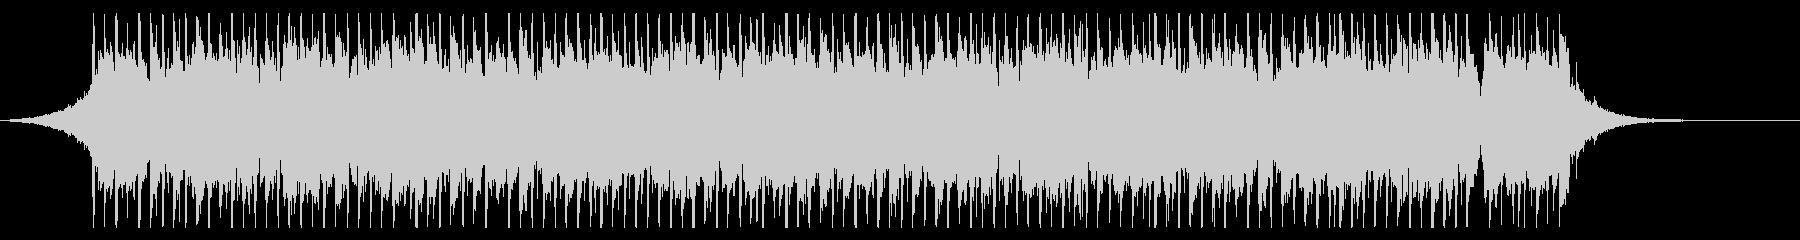 建物(40秒)の未再生の波形